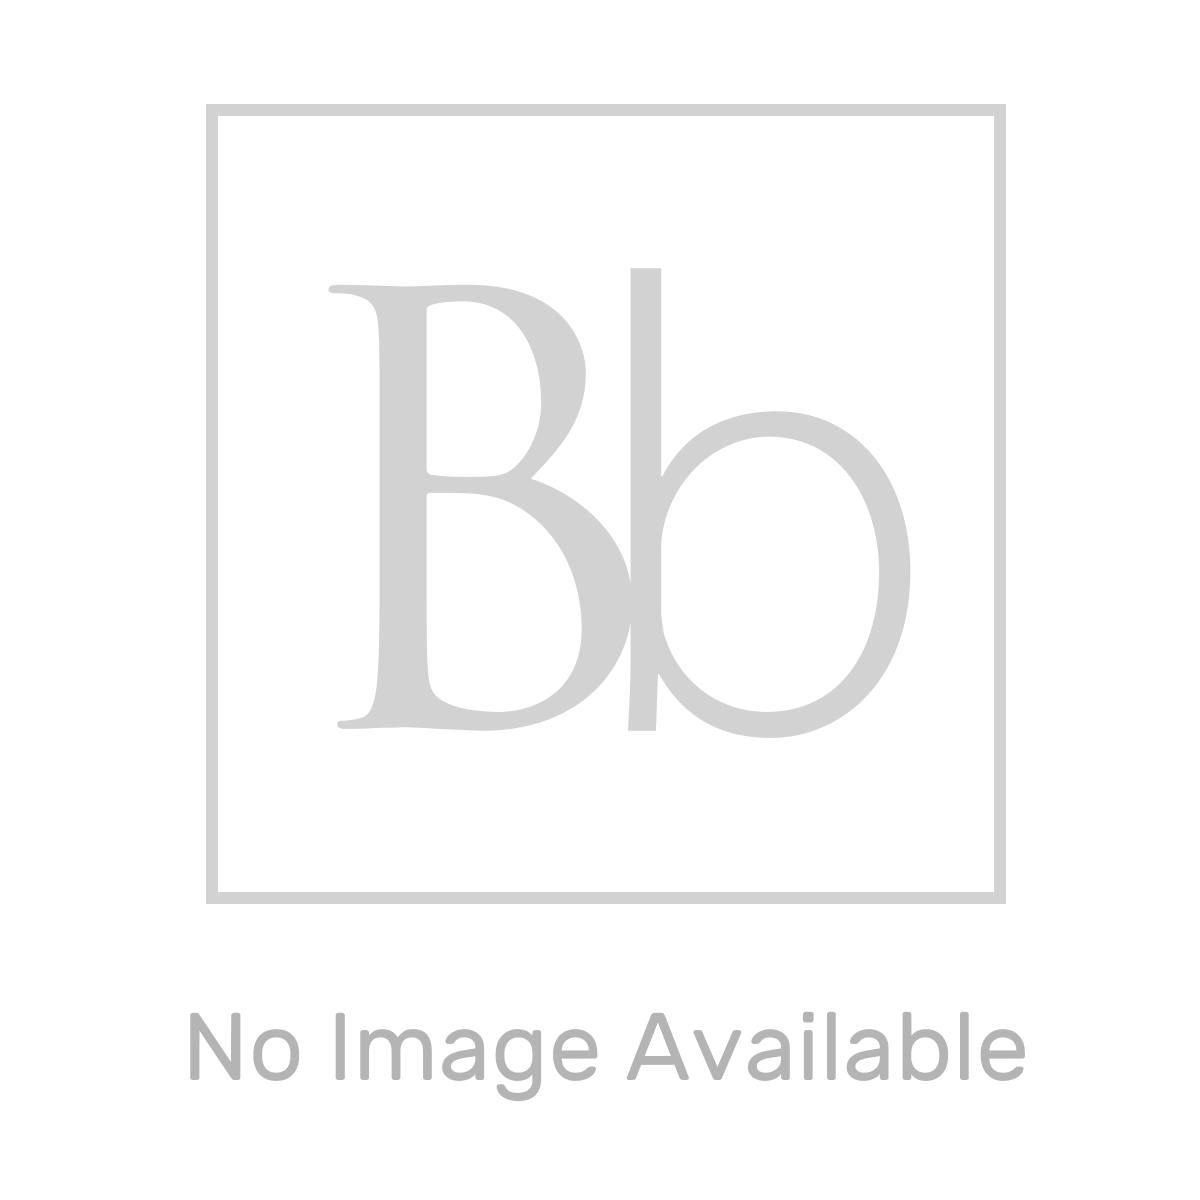 Aquadart Aqualavo Black Slate Shower Tray 1700 x 700